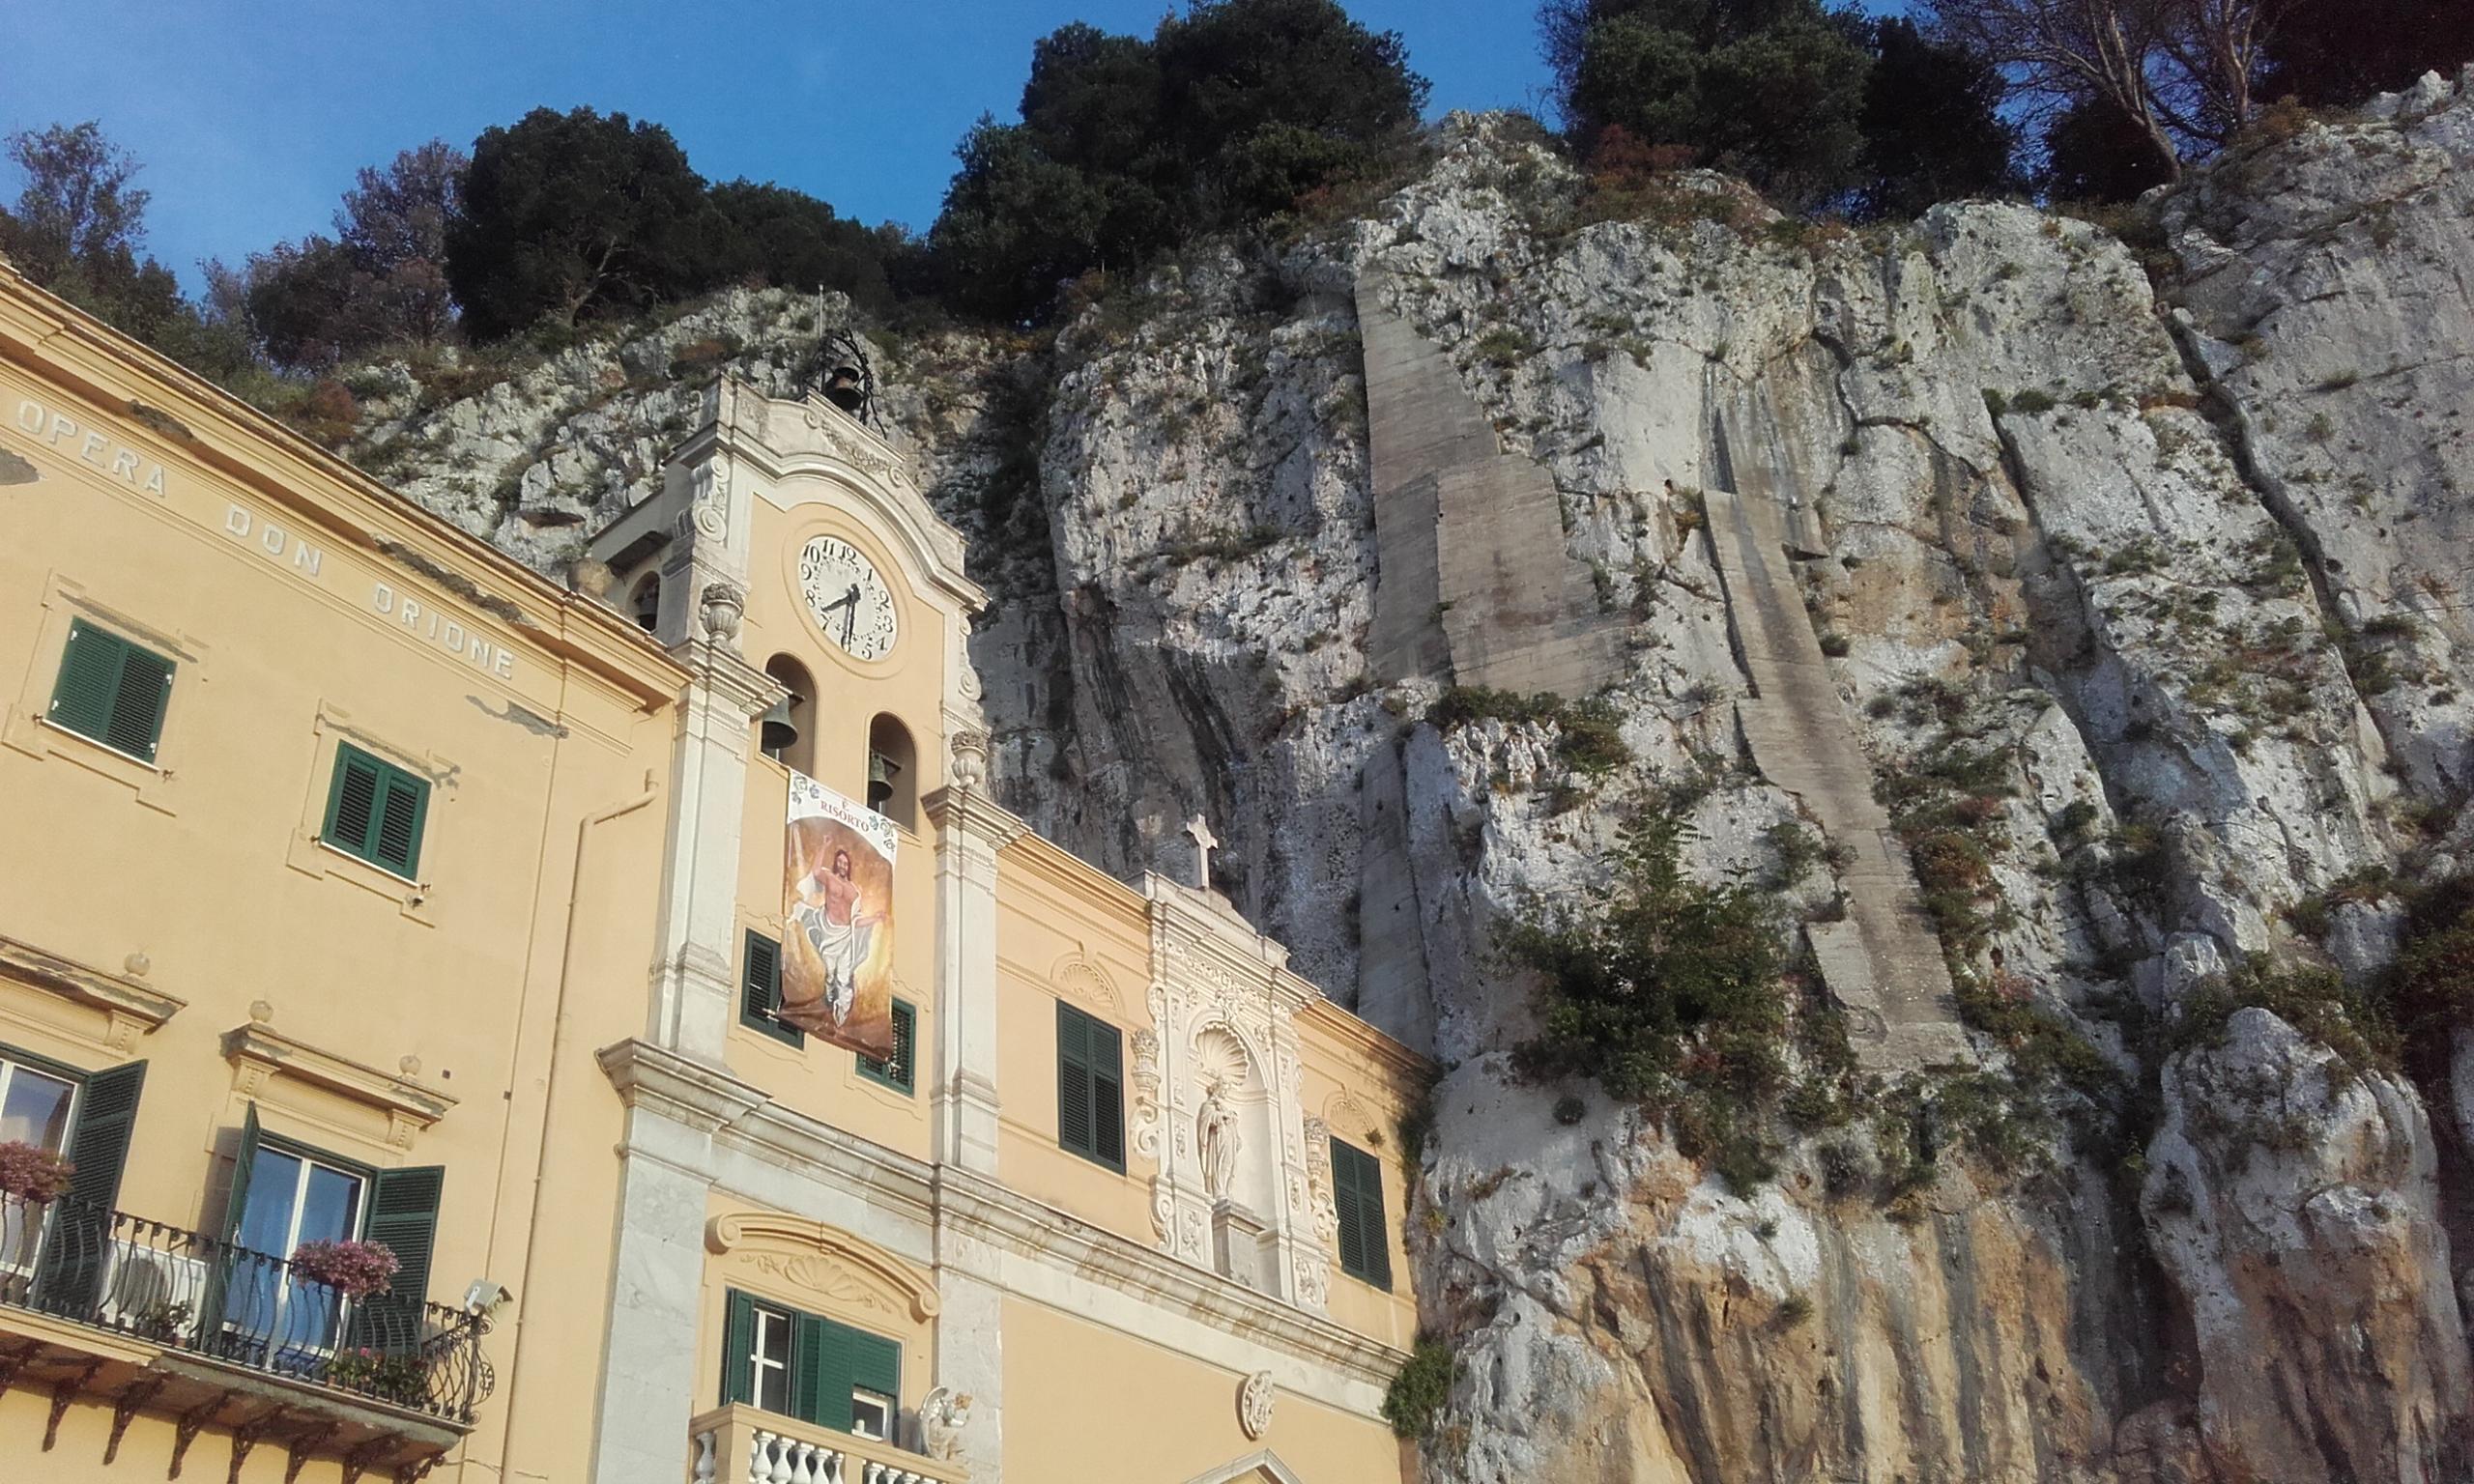 Fachada exterior del santuario de Santa Rosalía